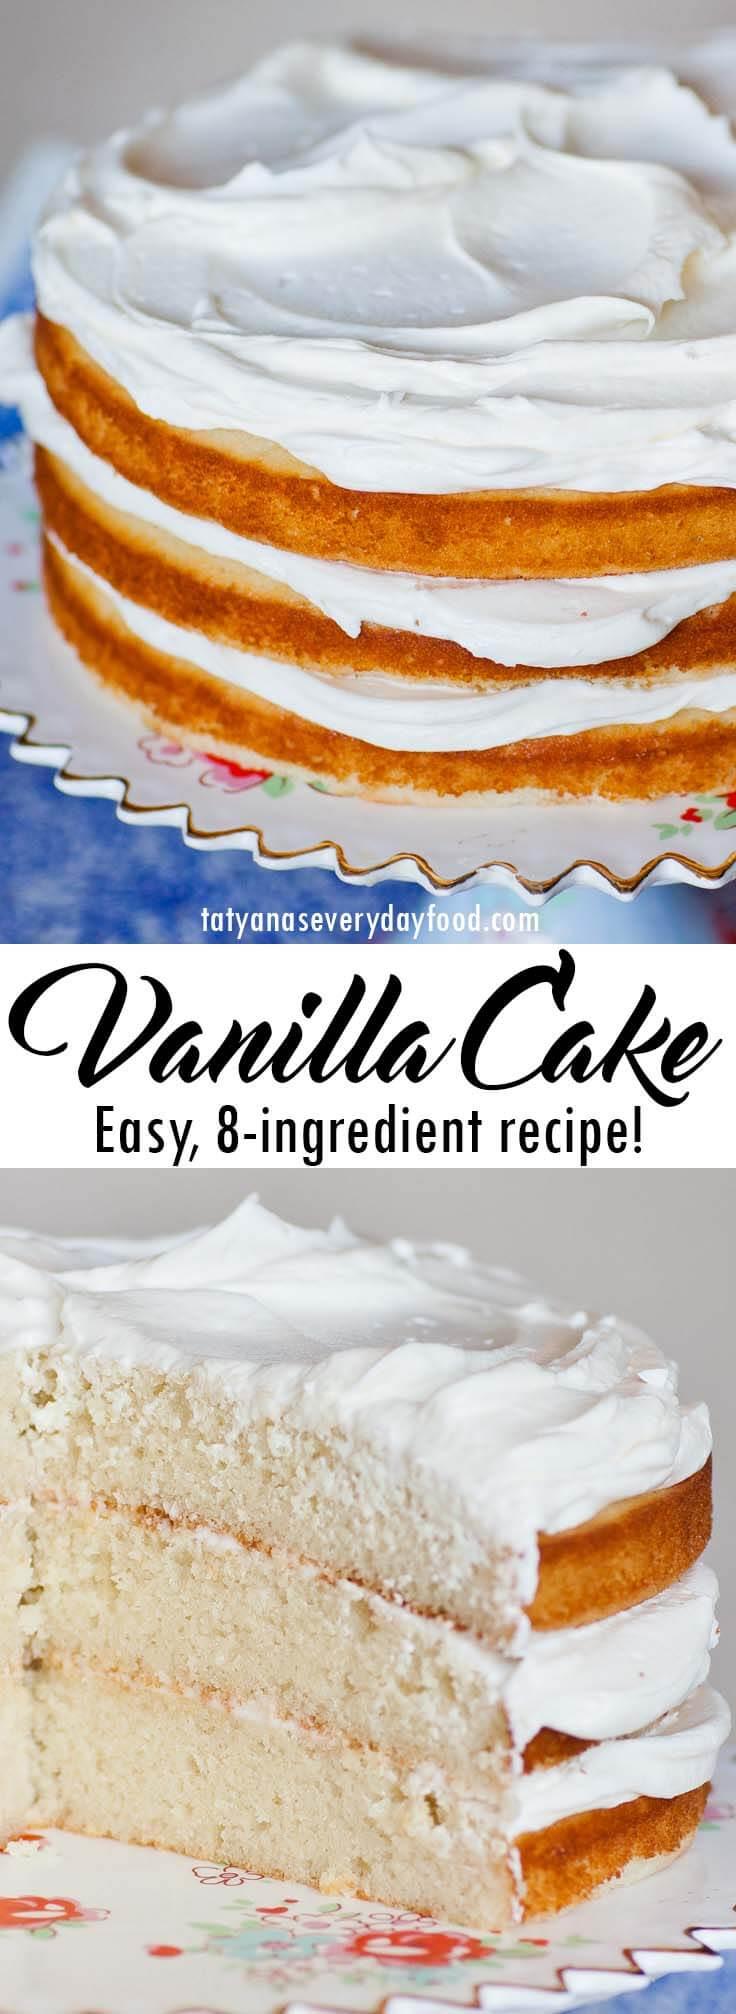 Easy Vanilla Cake Recipe video recipe